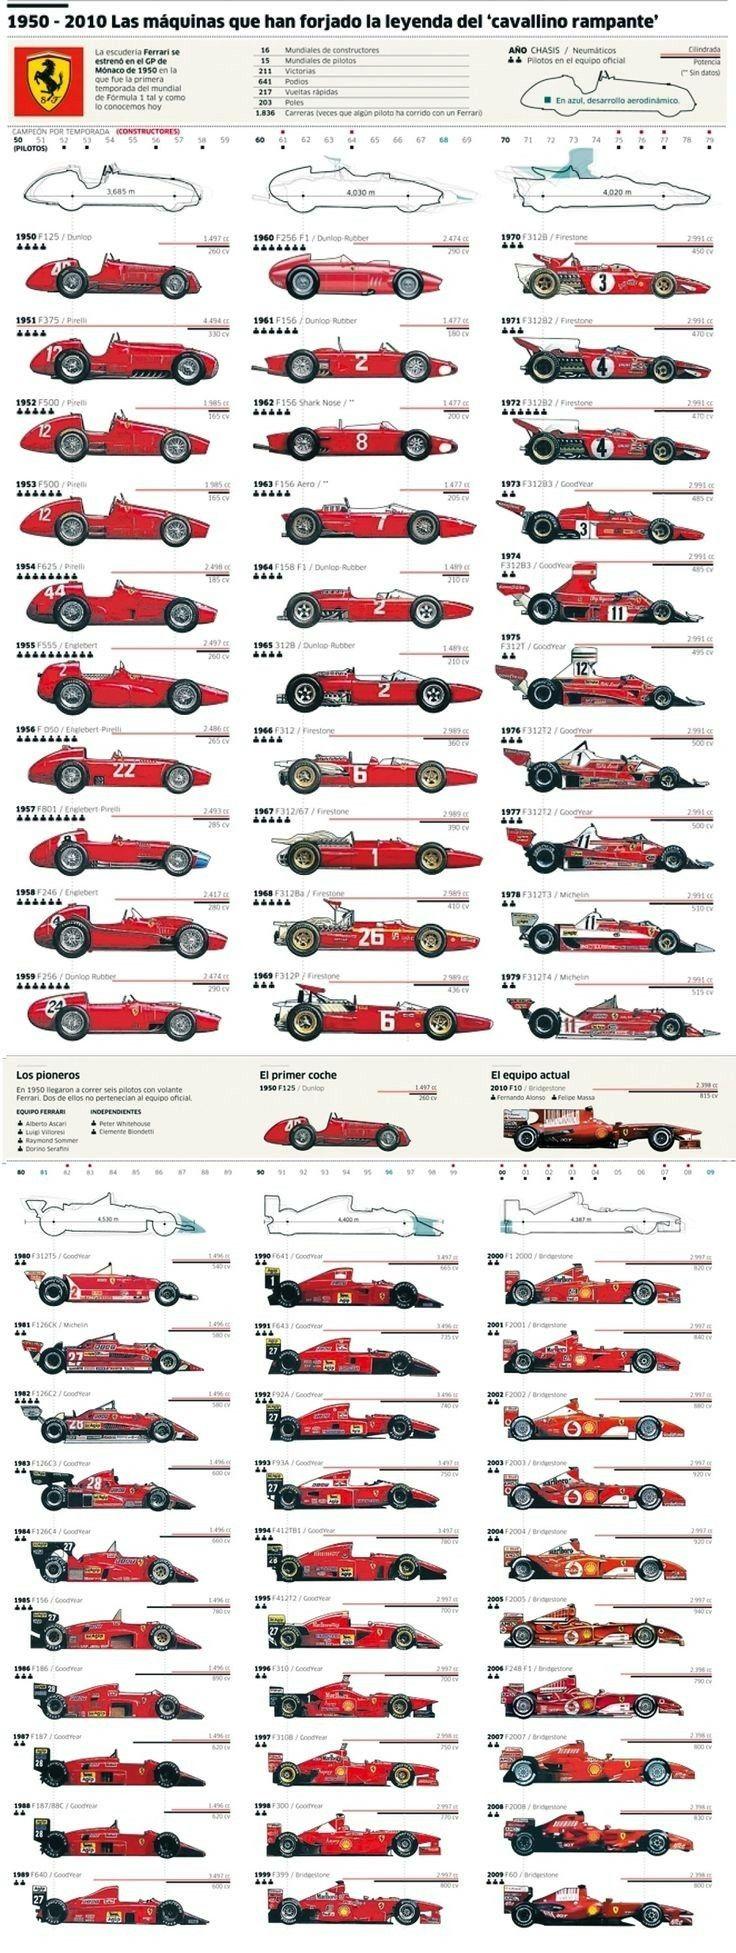 Ferrari F1 cars (1950-2010)